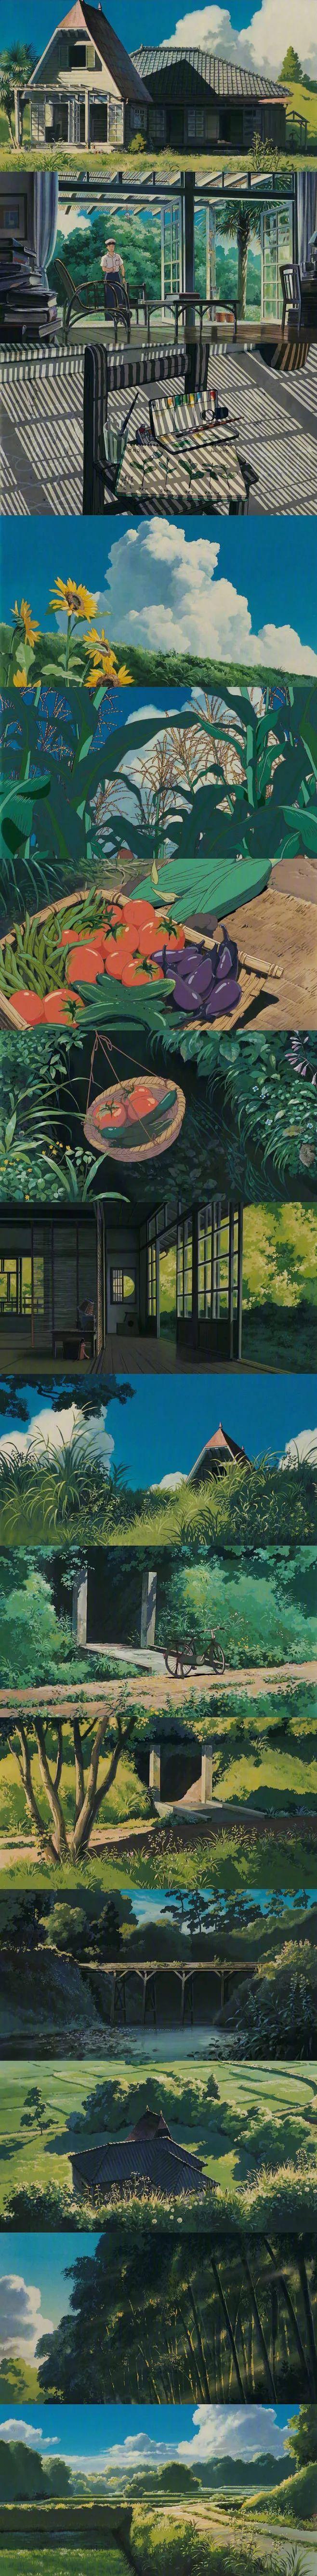 那些年宫崎骏带给我们的美好!动画壁纸特辑_图片 No.4